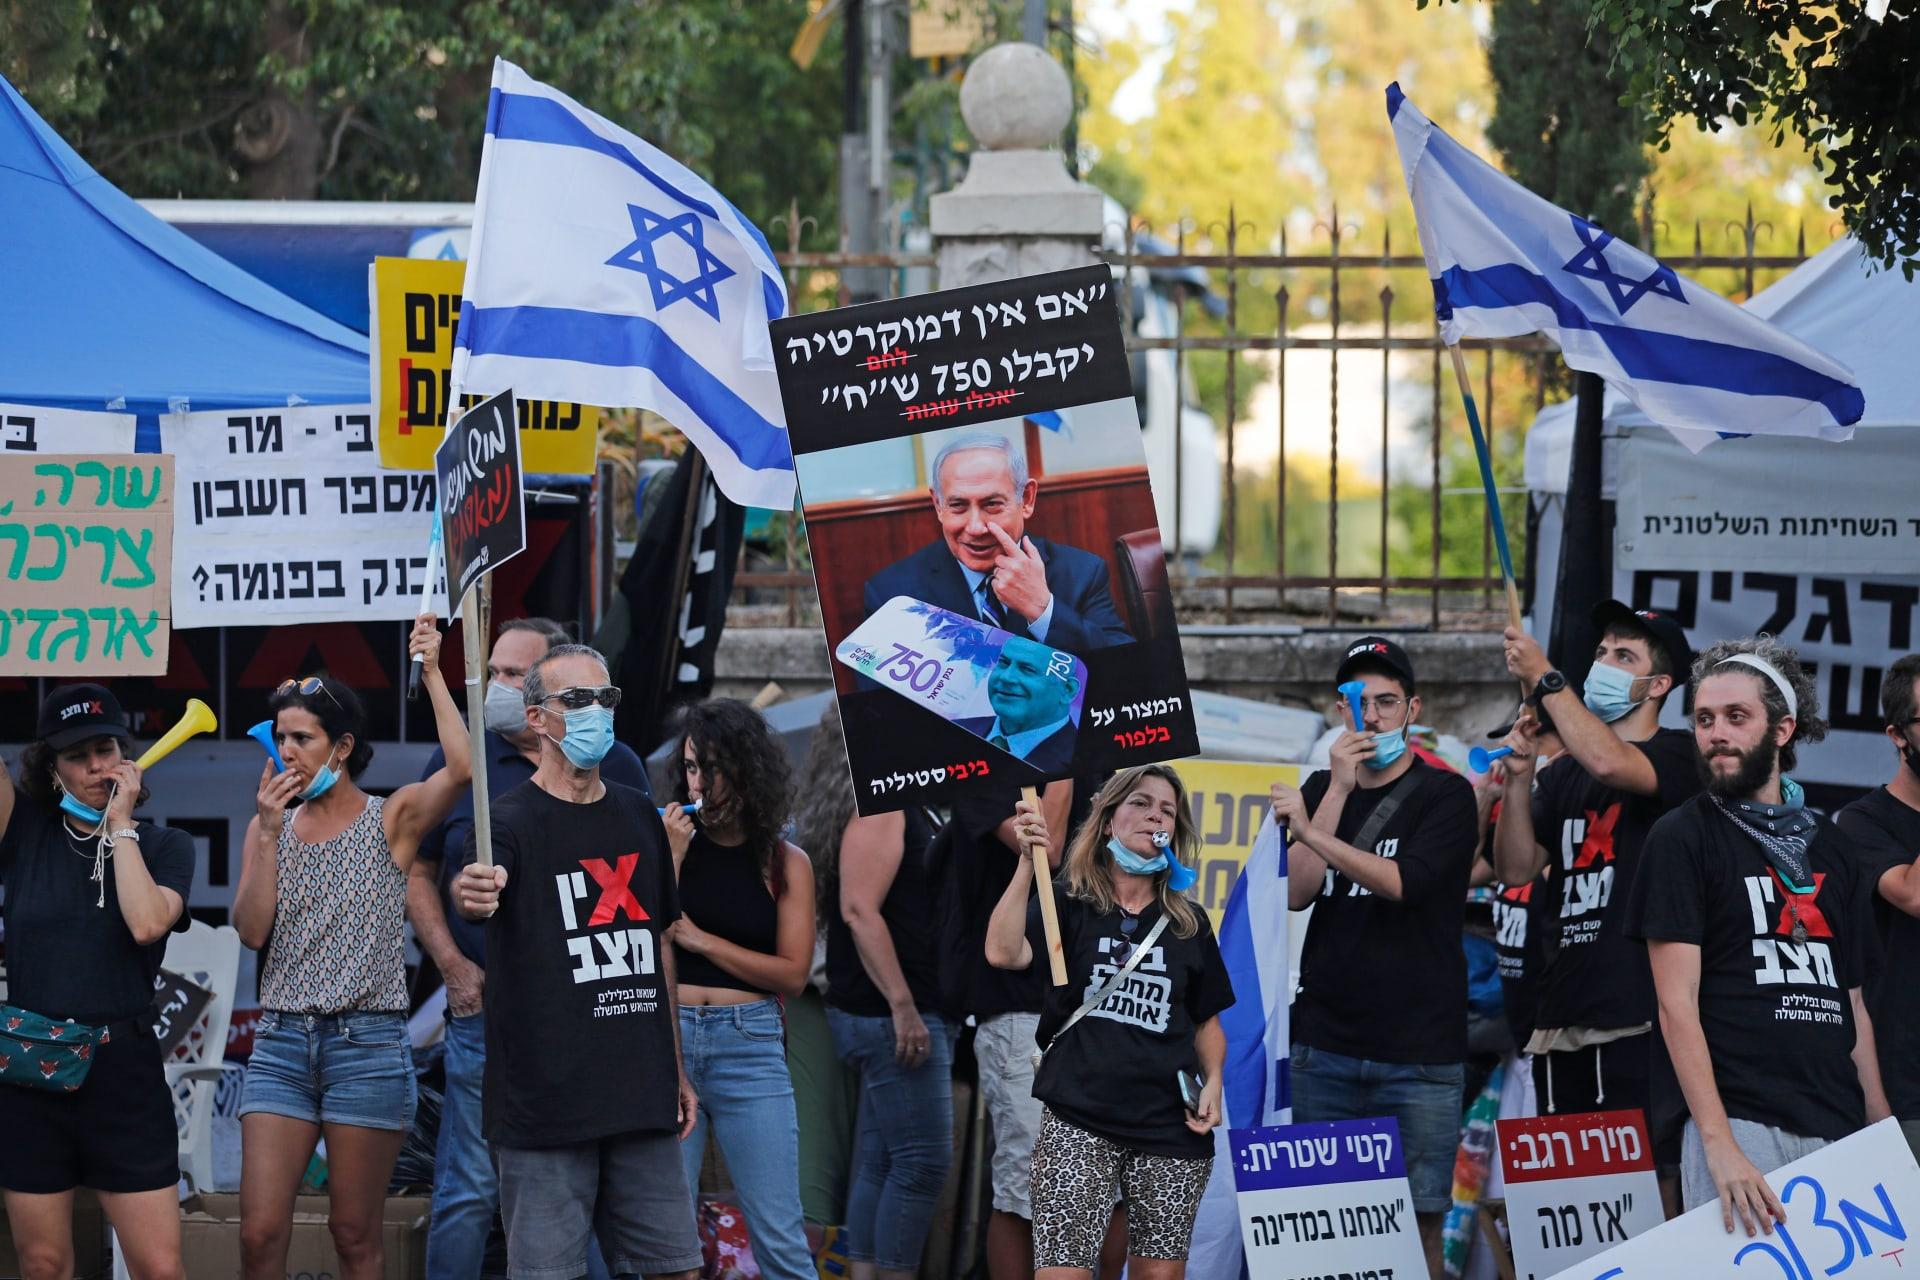 احتجاجات على تردي الأوضاع الاقتصادية في إسرائيل وسط تفشي فيروس كورونا